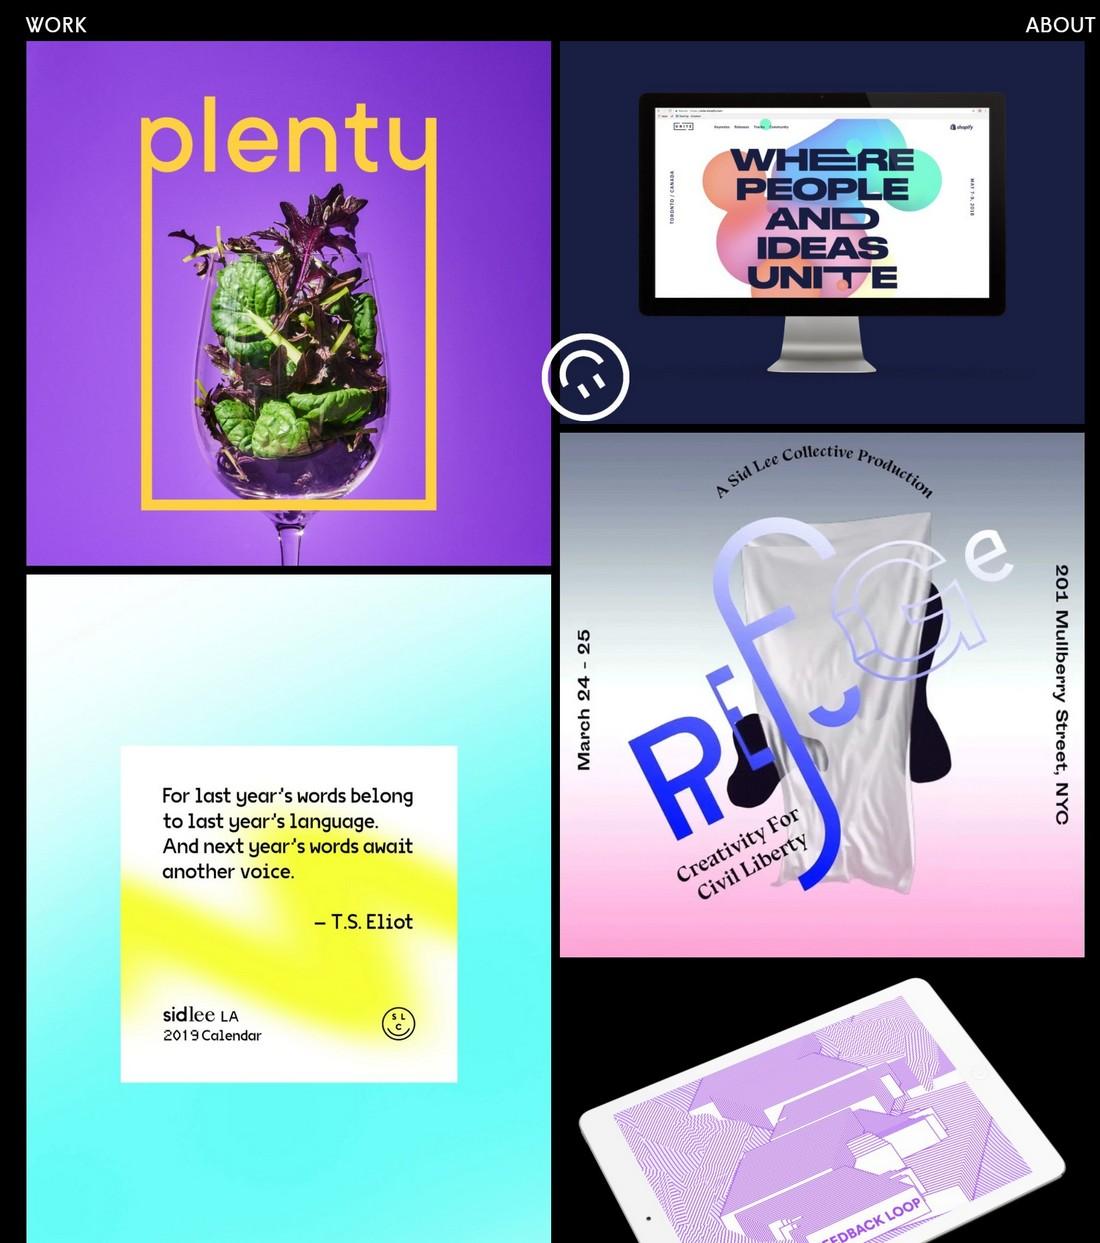 ruimadesign 10 Best Graphic Design Portfolio Examples + Templates design tips